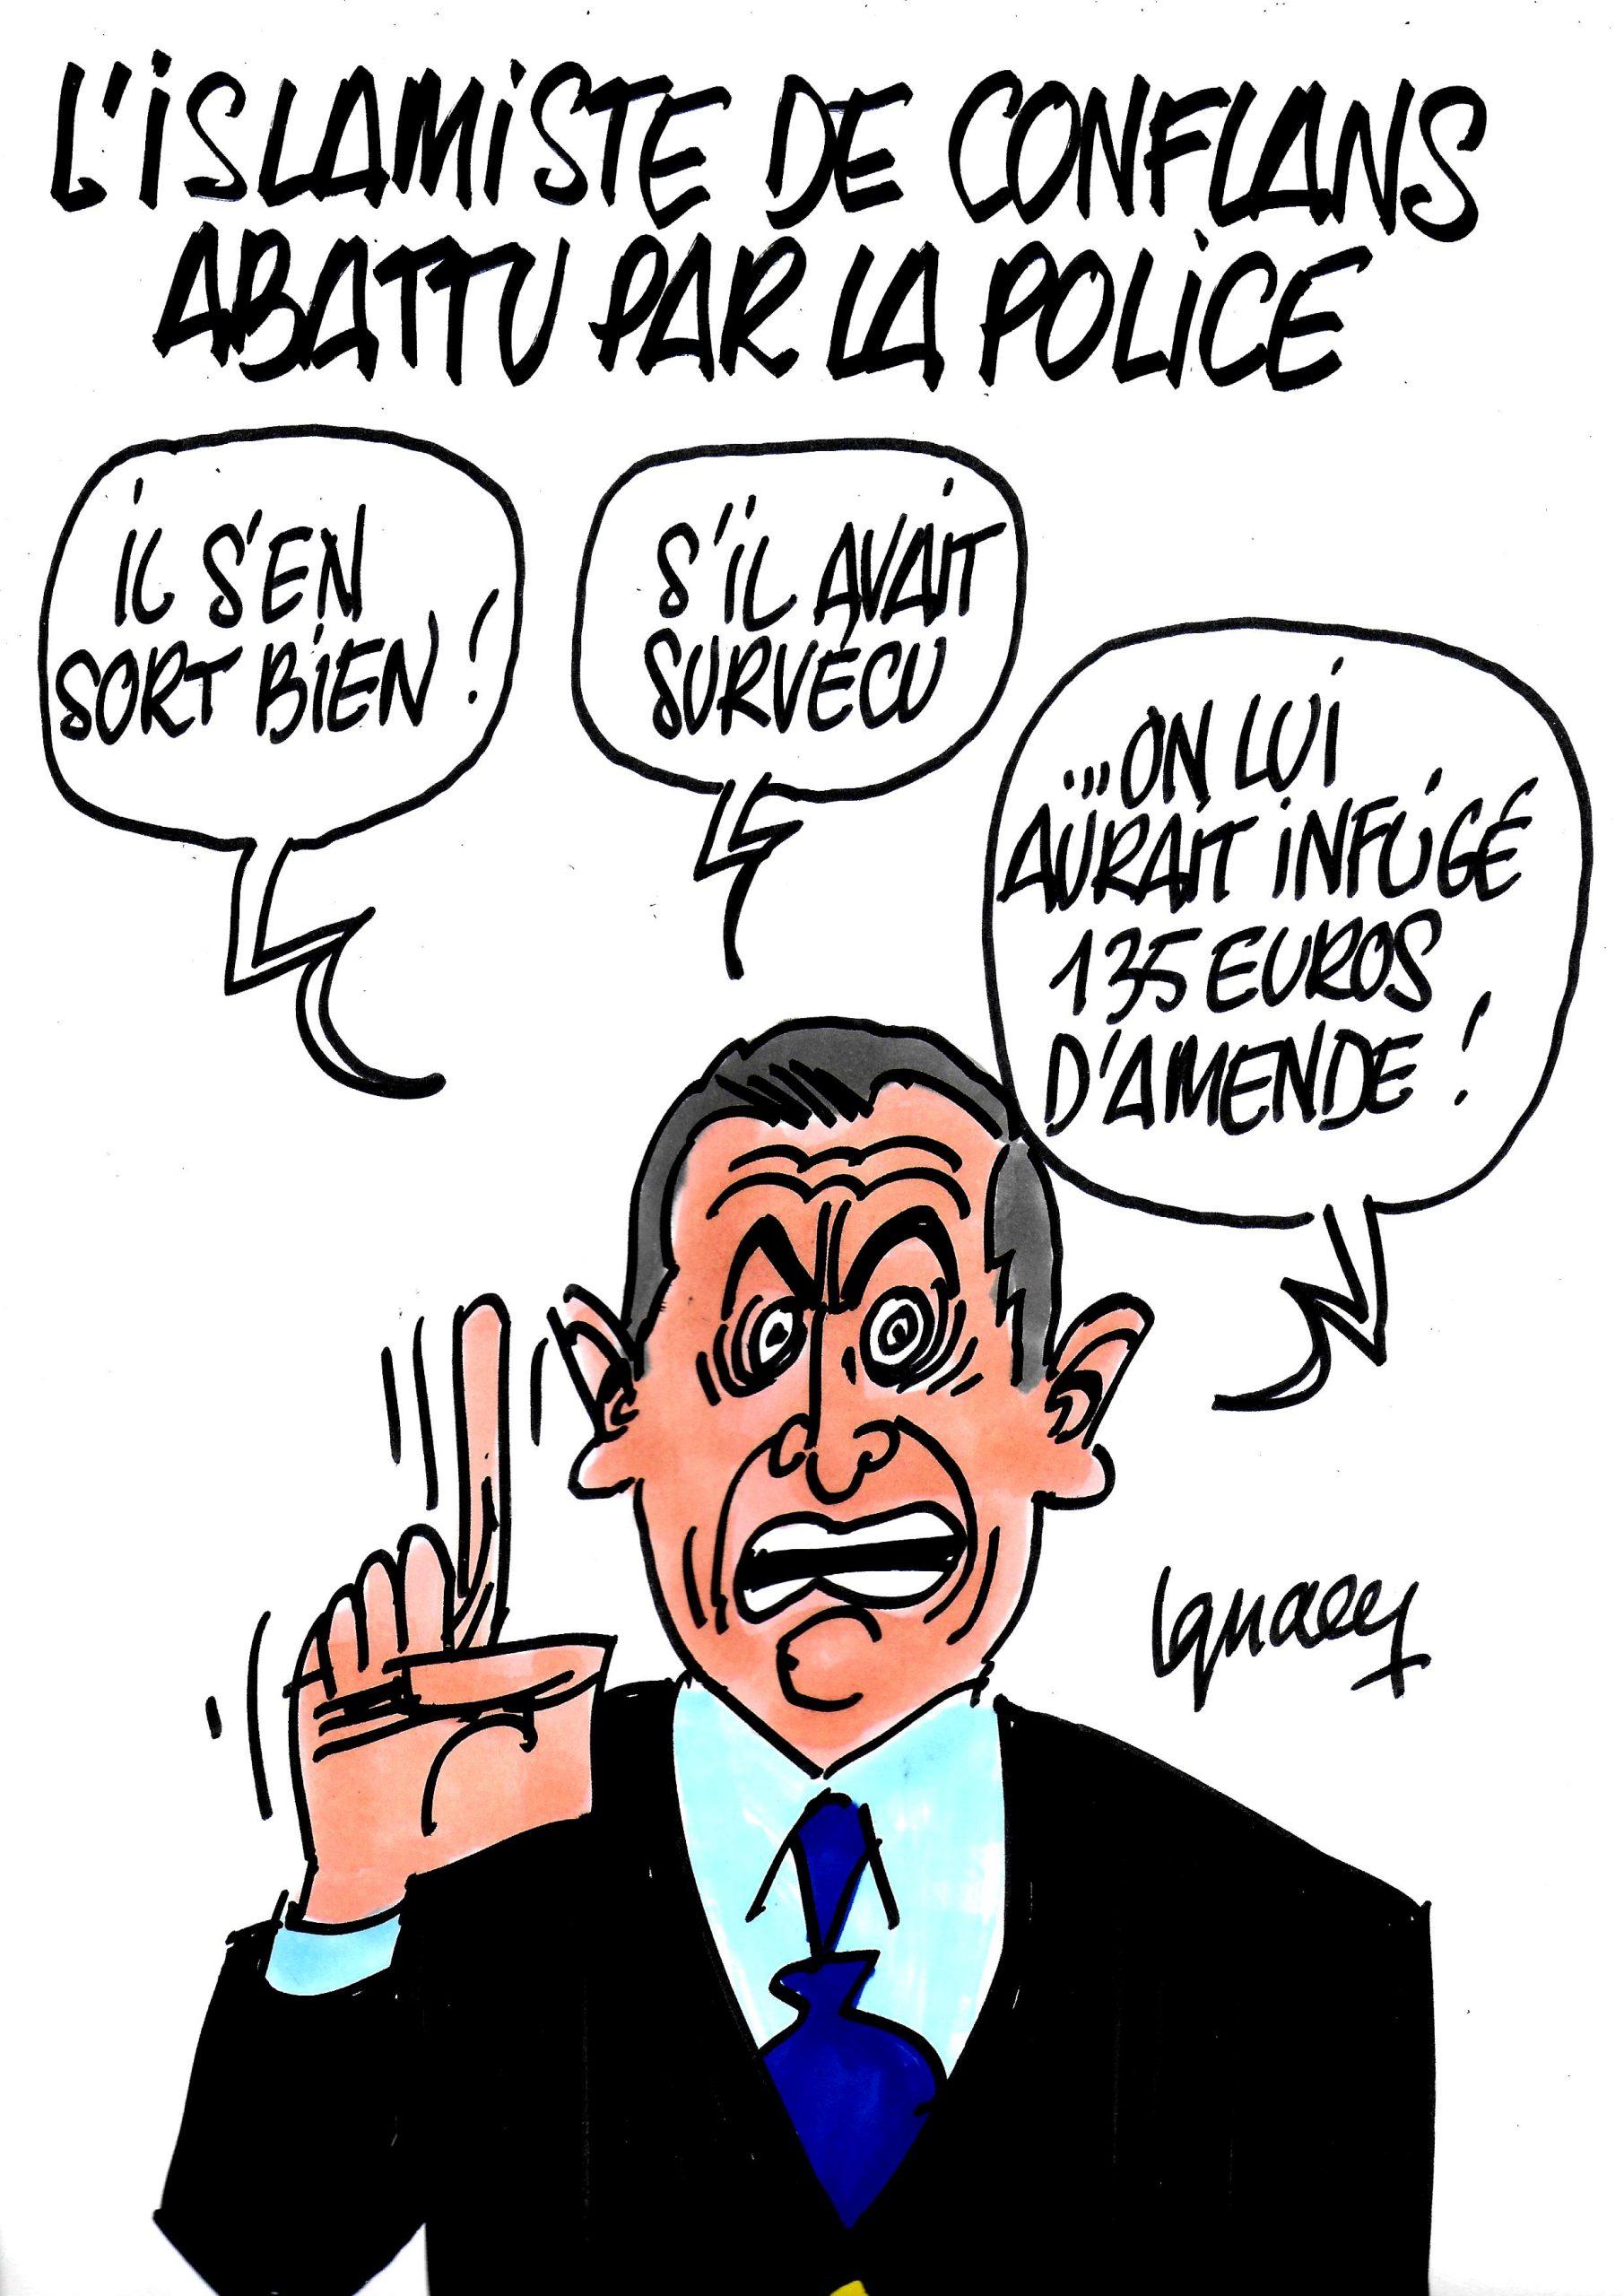 Ignace - L'islamiste de Conflans abattu par la police